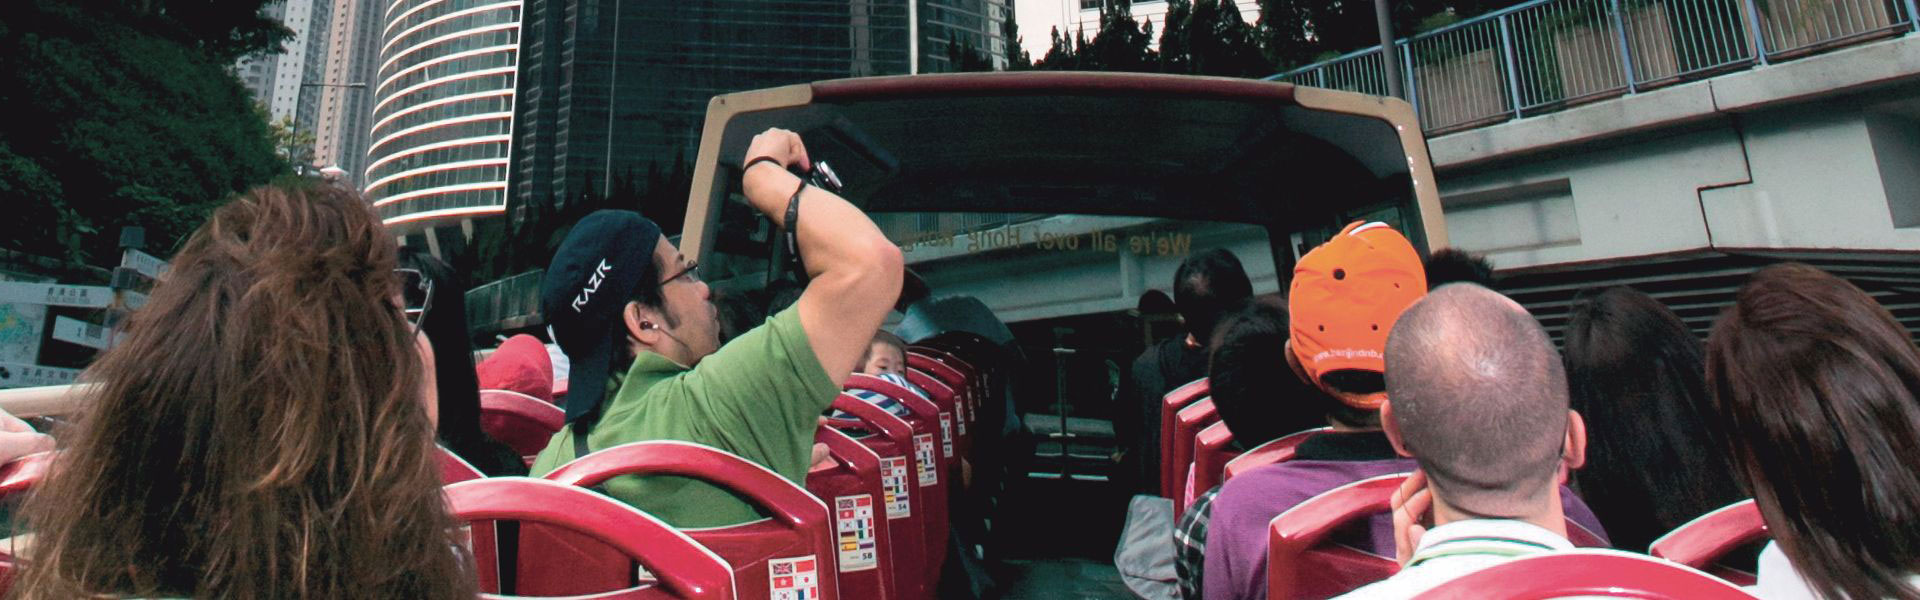 香港 Big Bus 上的乘客